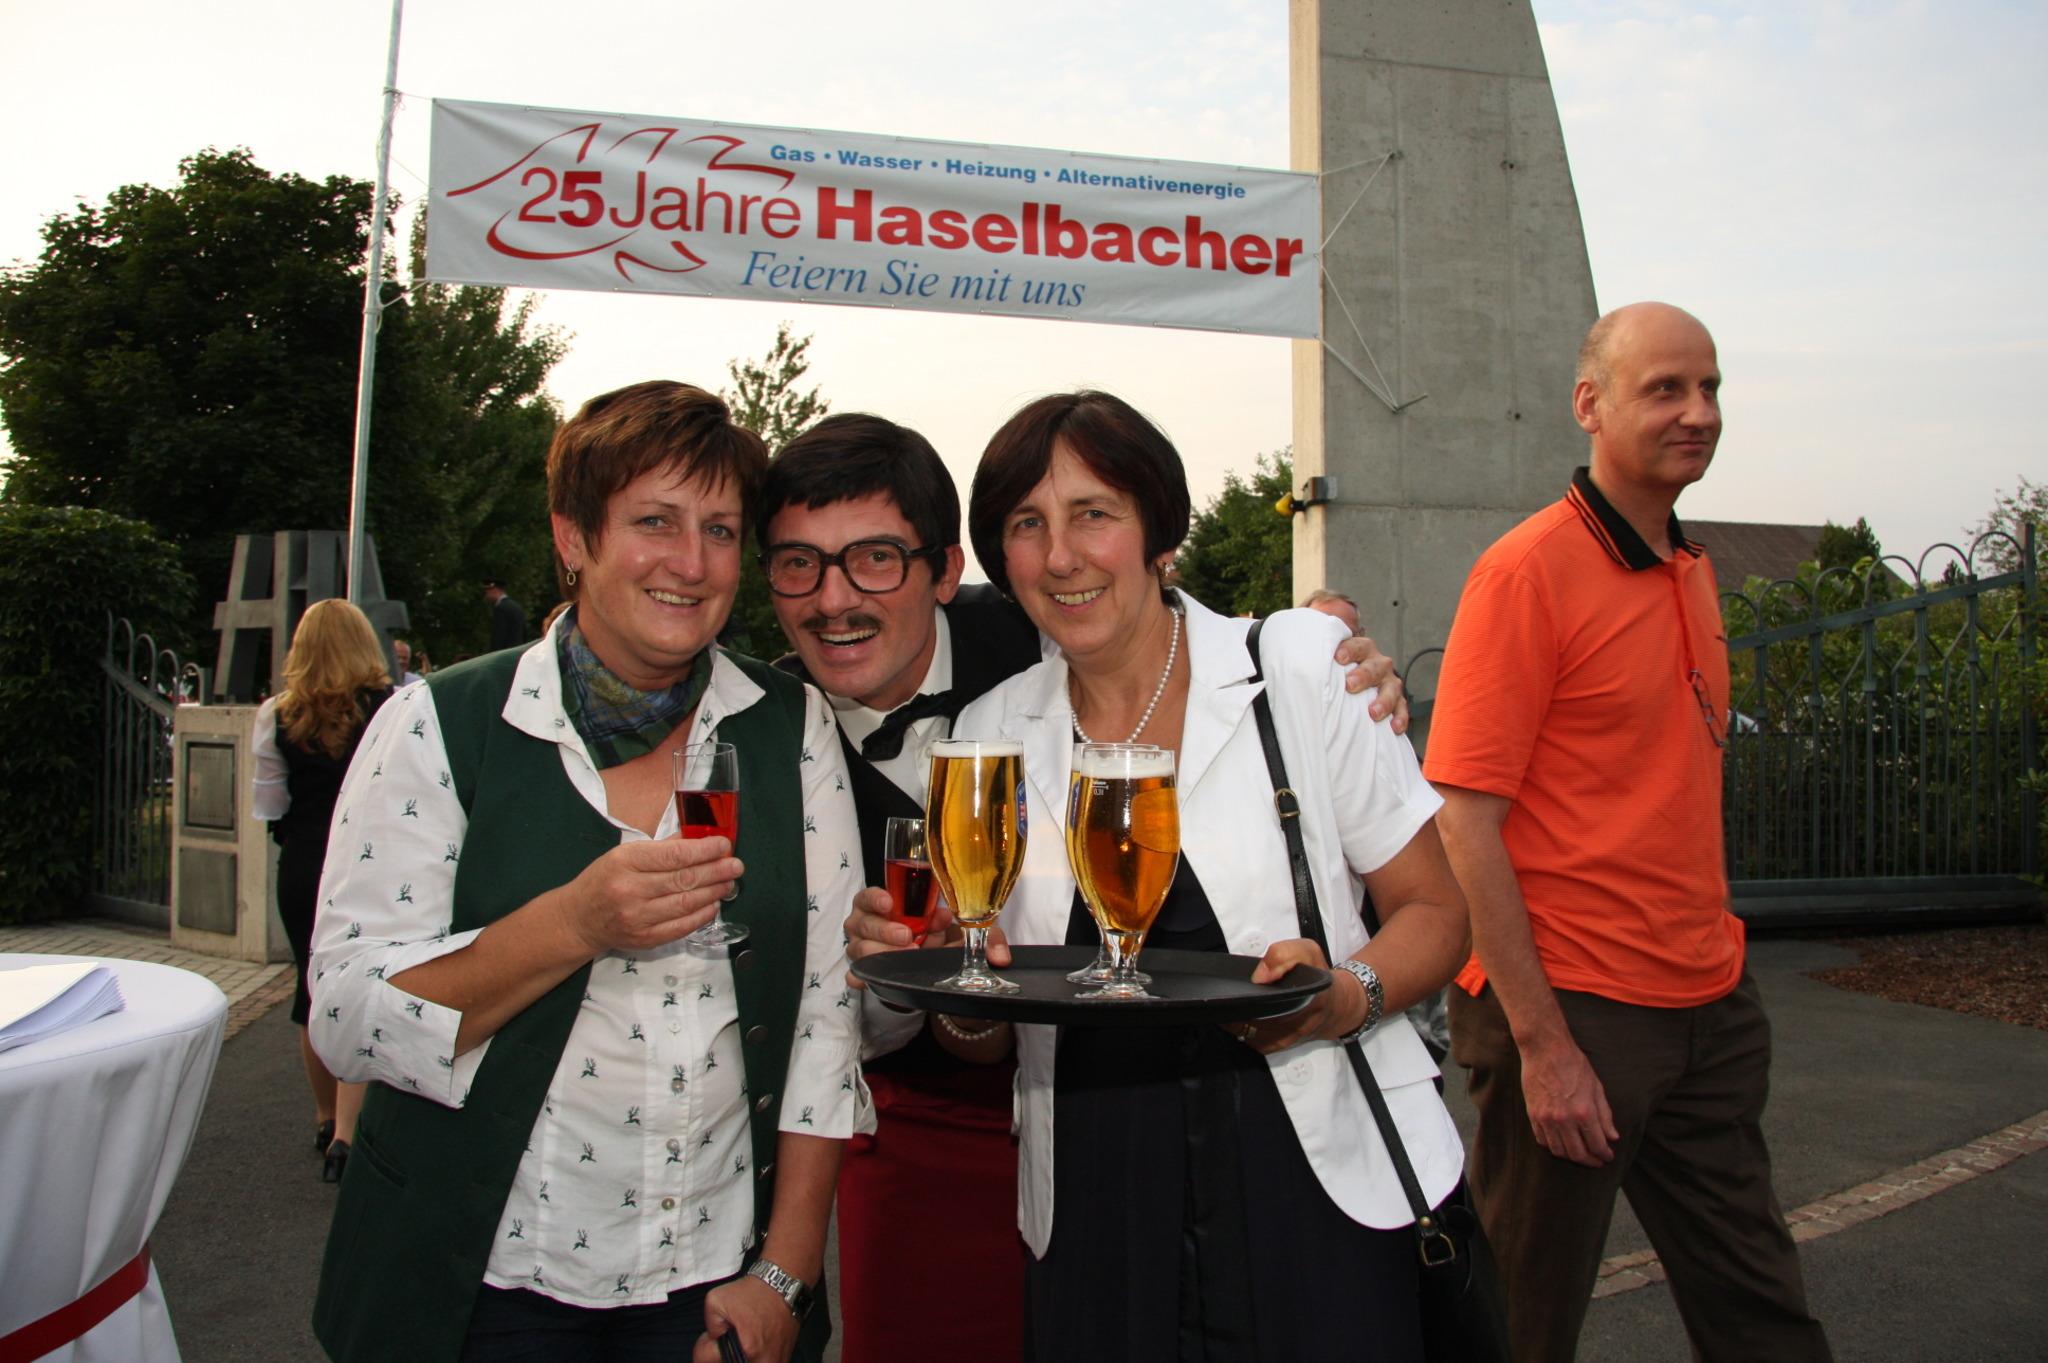 Er sucht sie markt oberndorf bei salzburg. Single stadt lassee